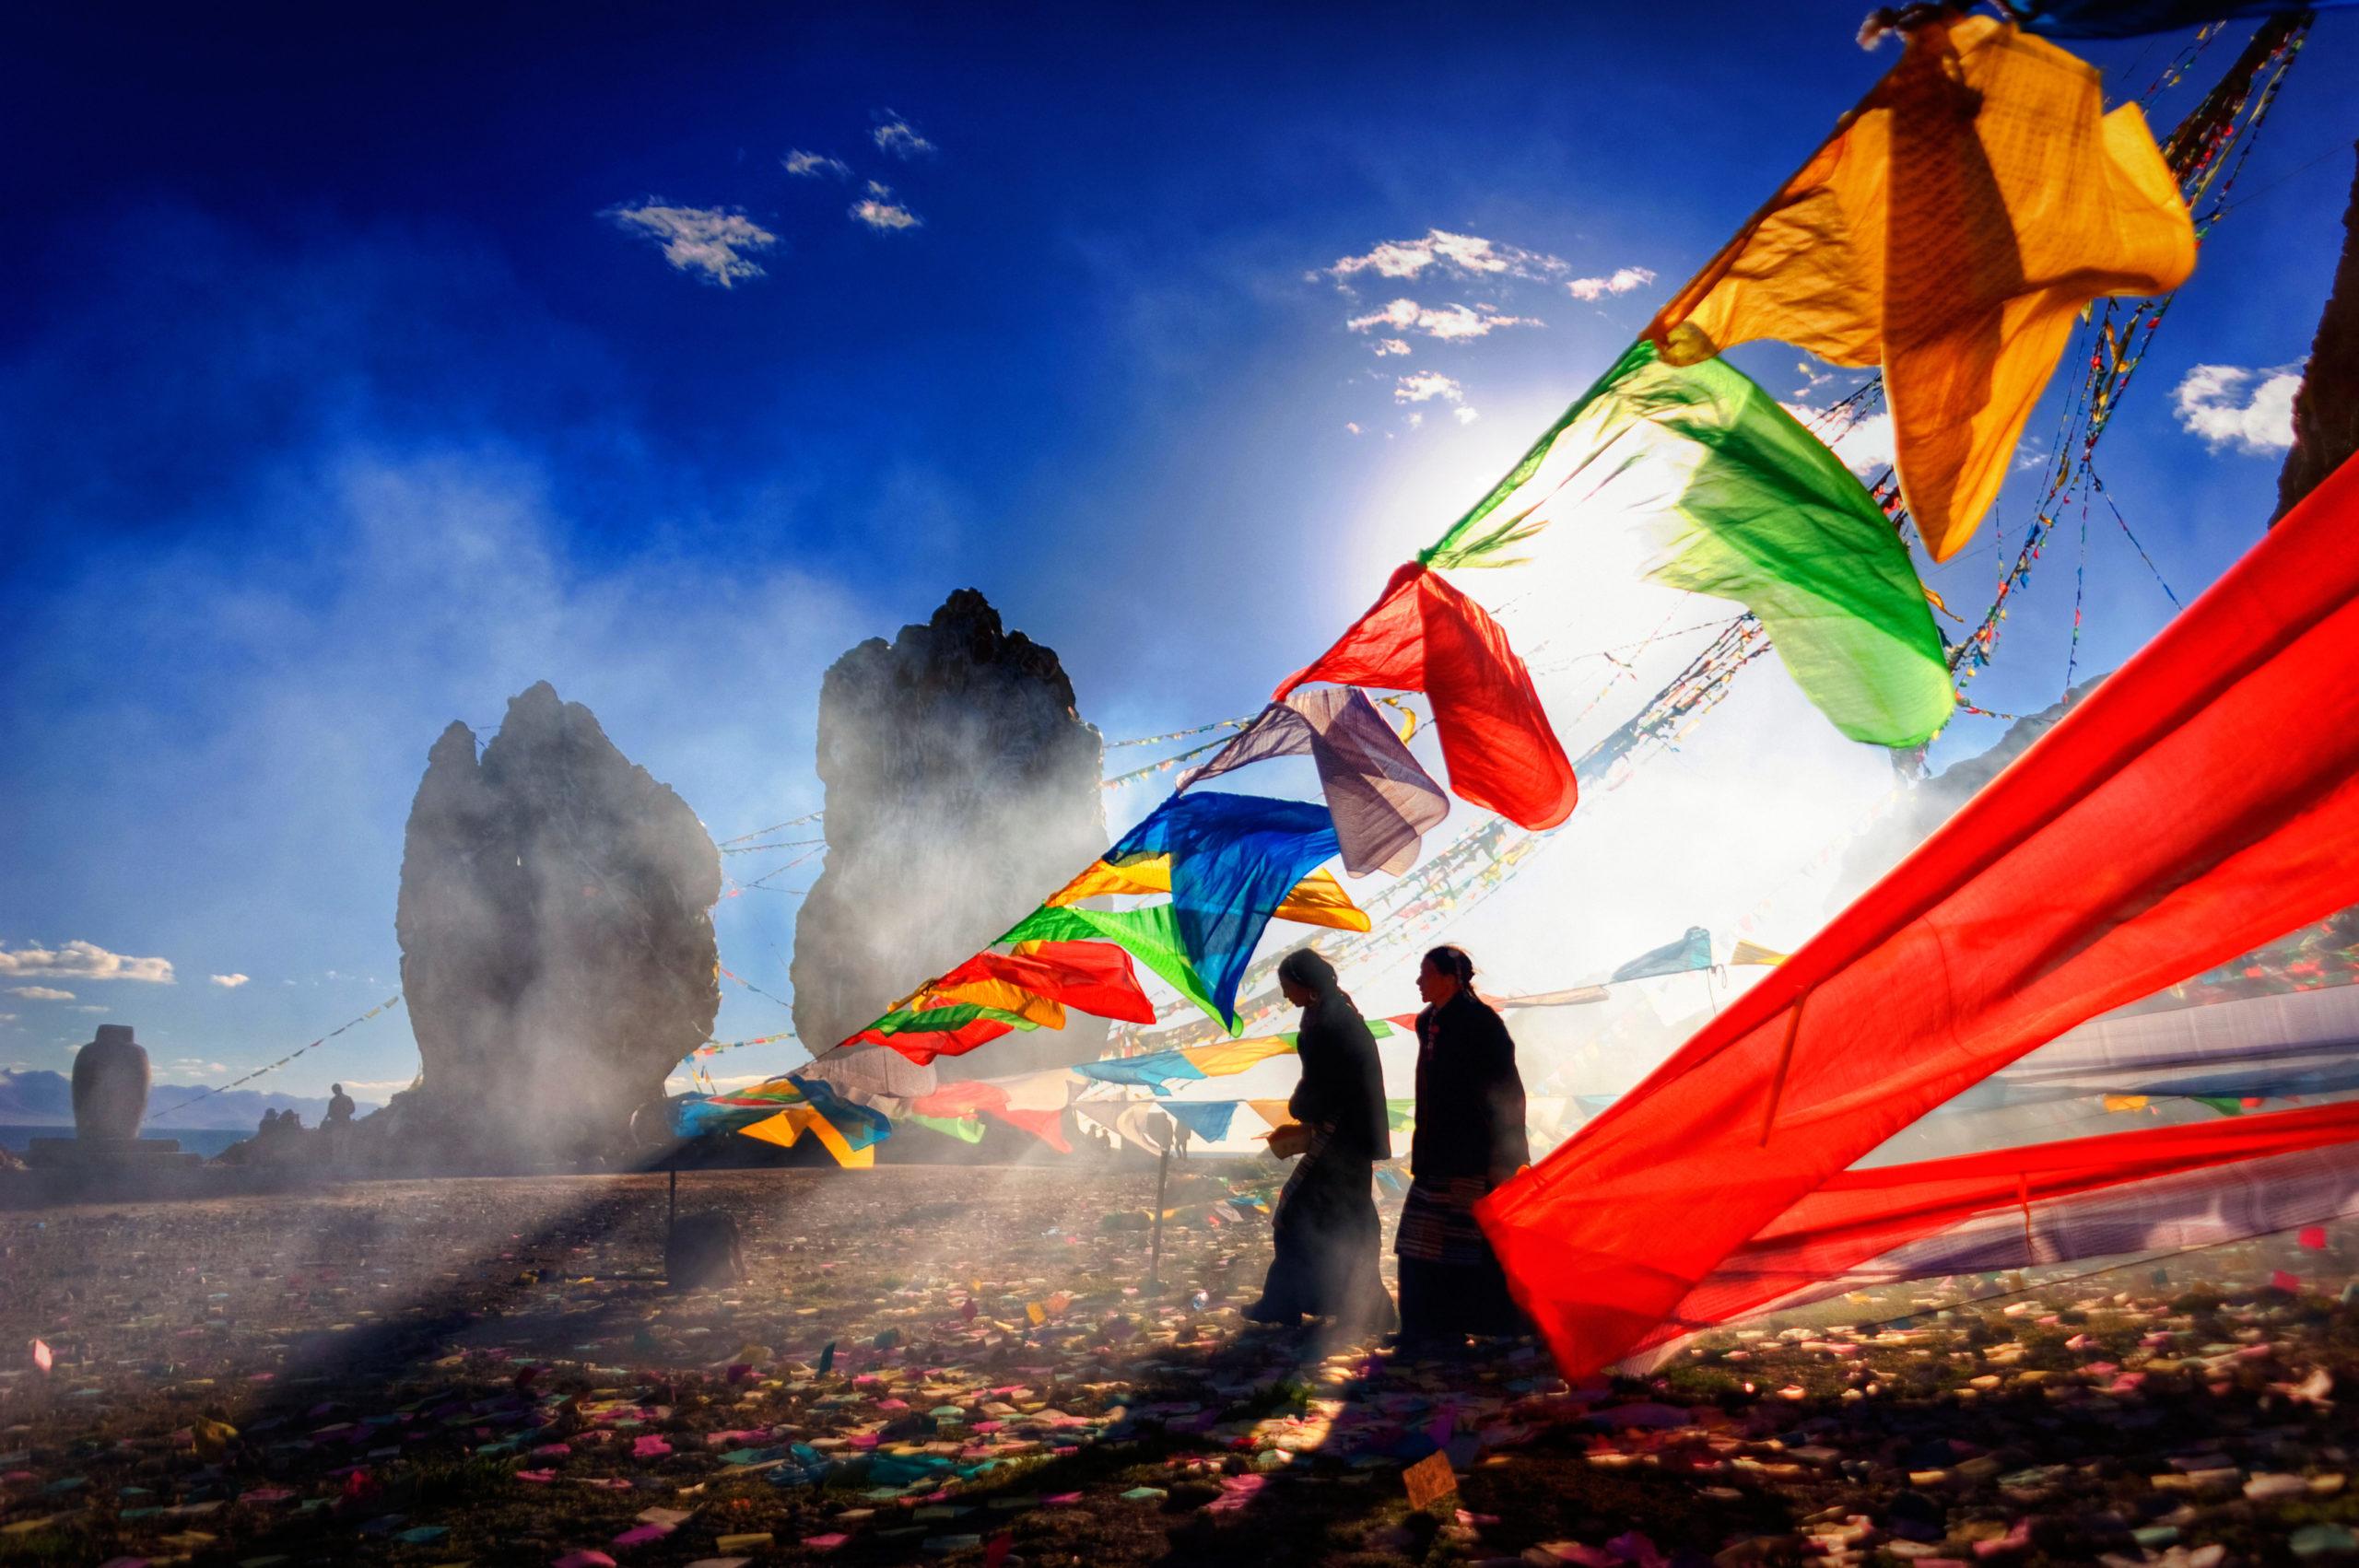 Lhasa de Sela. Maestra de vida y muerte